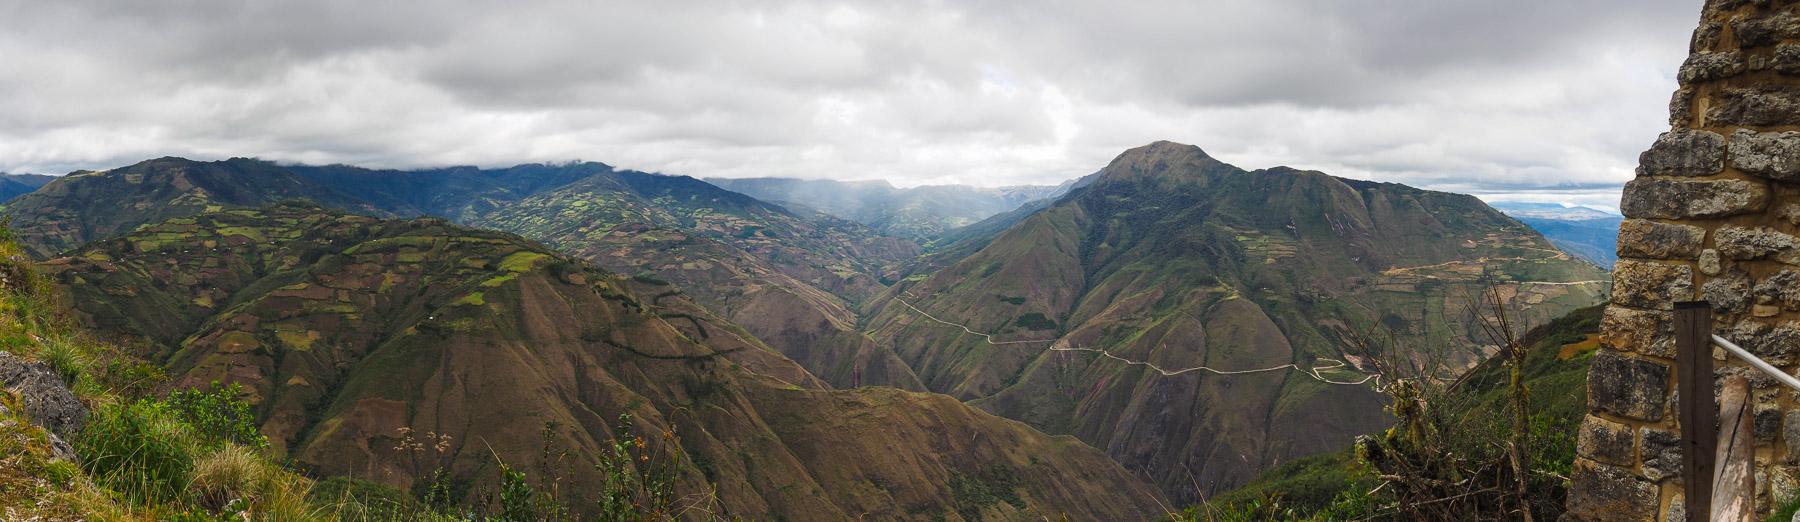 Noch heute sind die Felder der Menschen hier hoch oben auf den Berghängen.